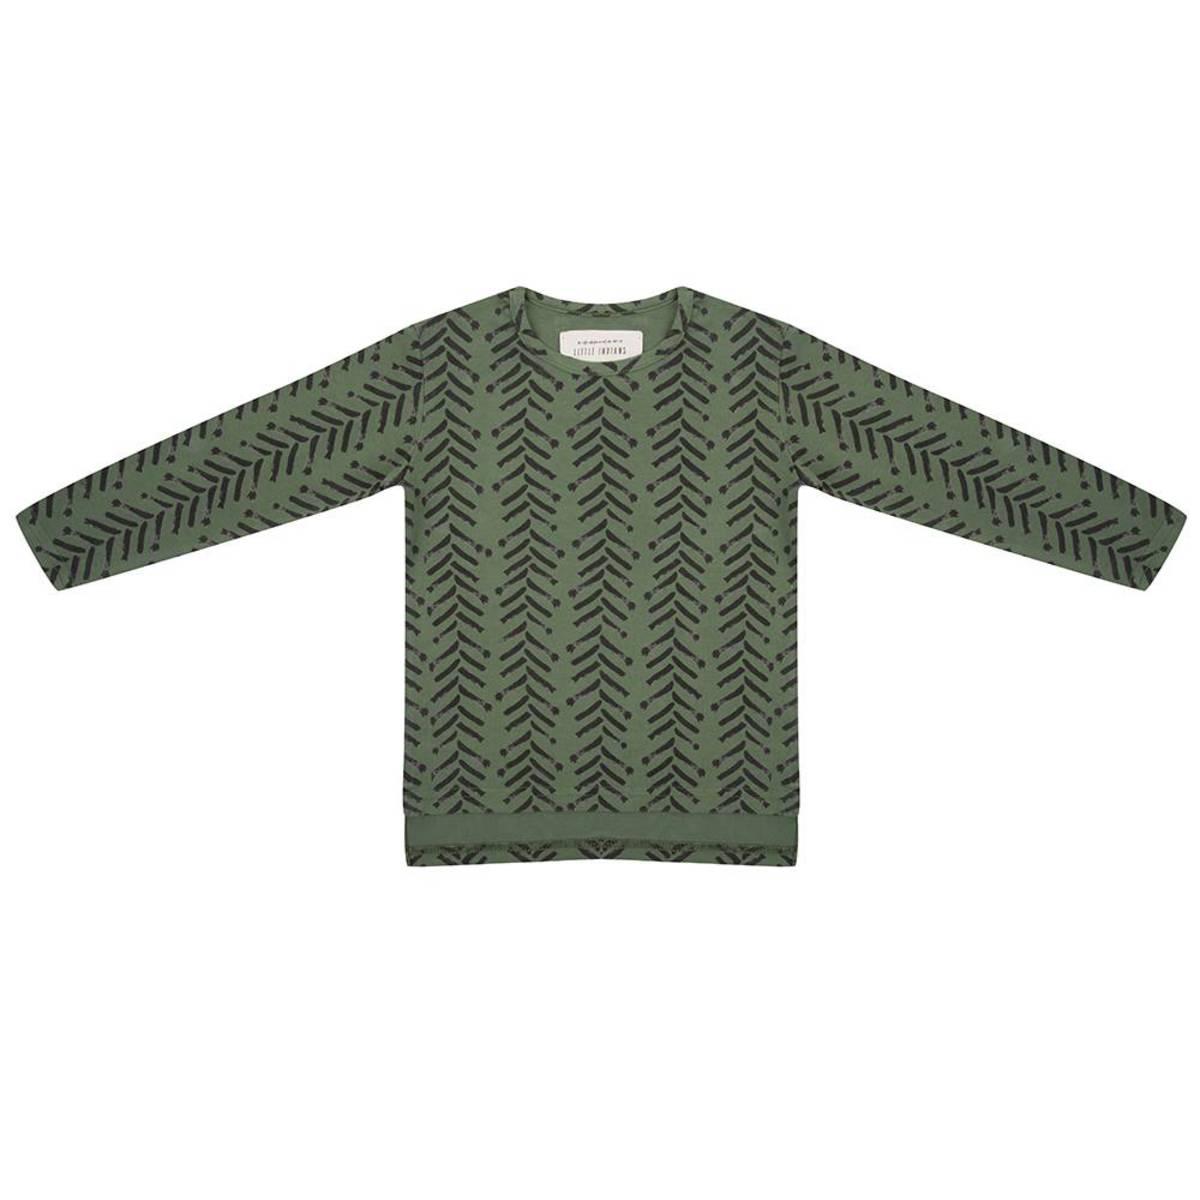 Hauts bébé Tee-Shirt manches longues Arrow up Kaki - 9/12 mois Tee-Shirt manches longues Arrow up Kaki - 9/12 mois